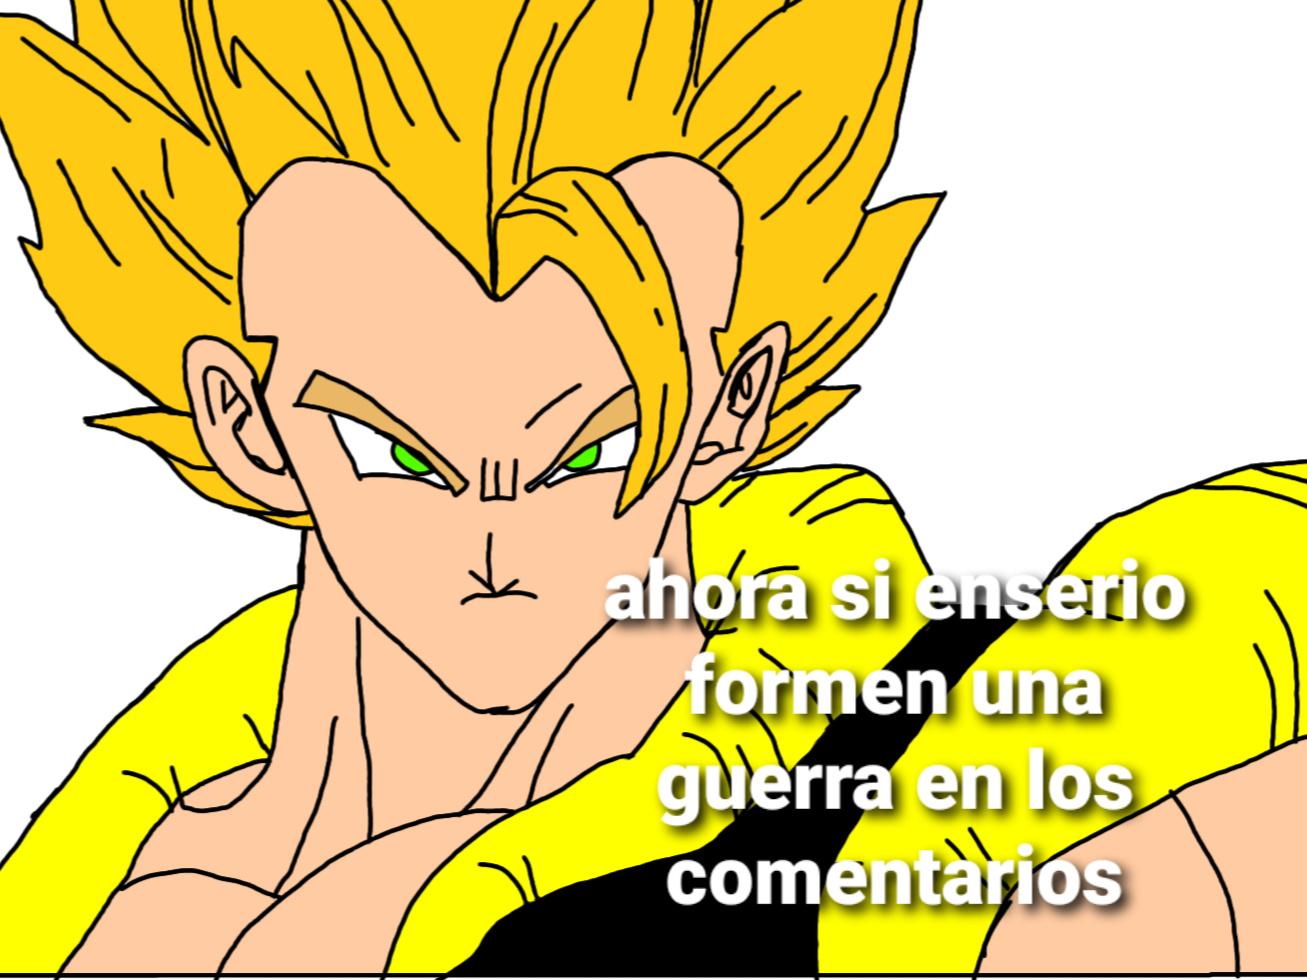 Guerraaaa - meme